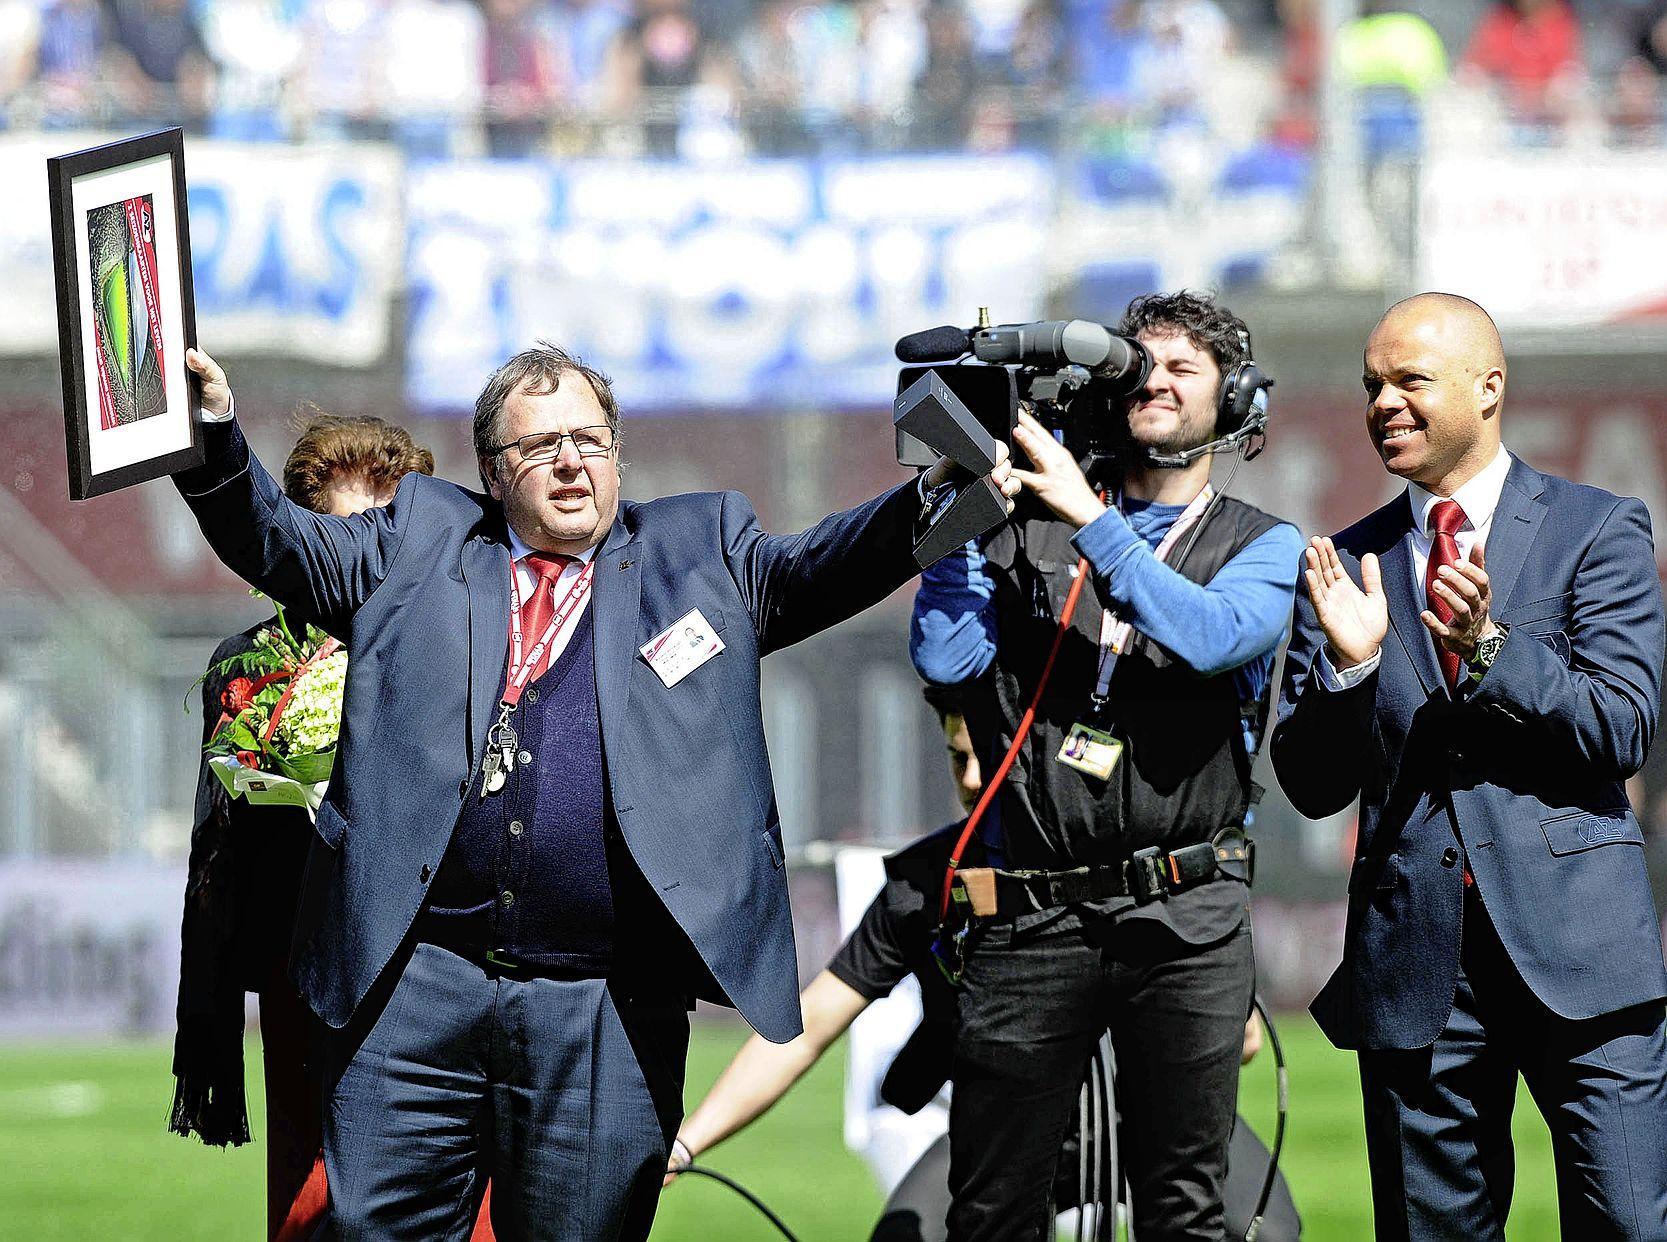 In dertig jaar AZ was hij bijna álles, behalve trainer en voorzitter. Wijnand Vermeulen (81), erelid van AZ, overleden